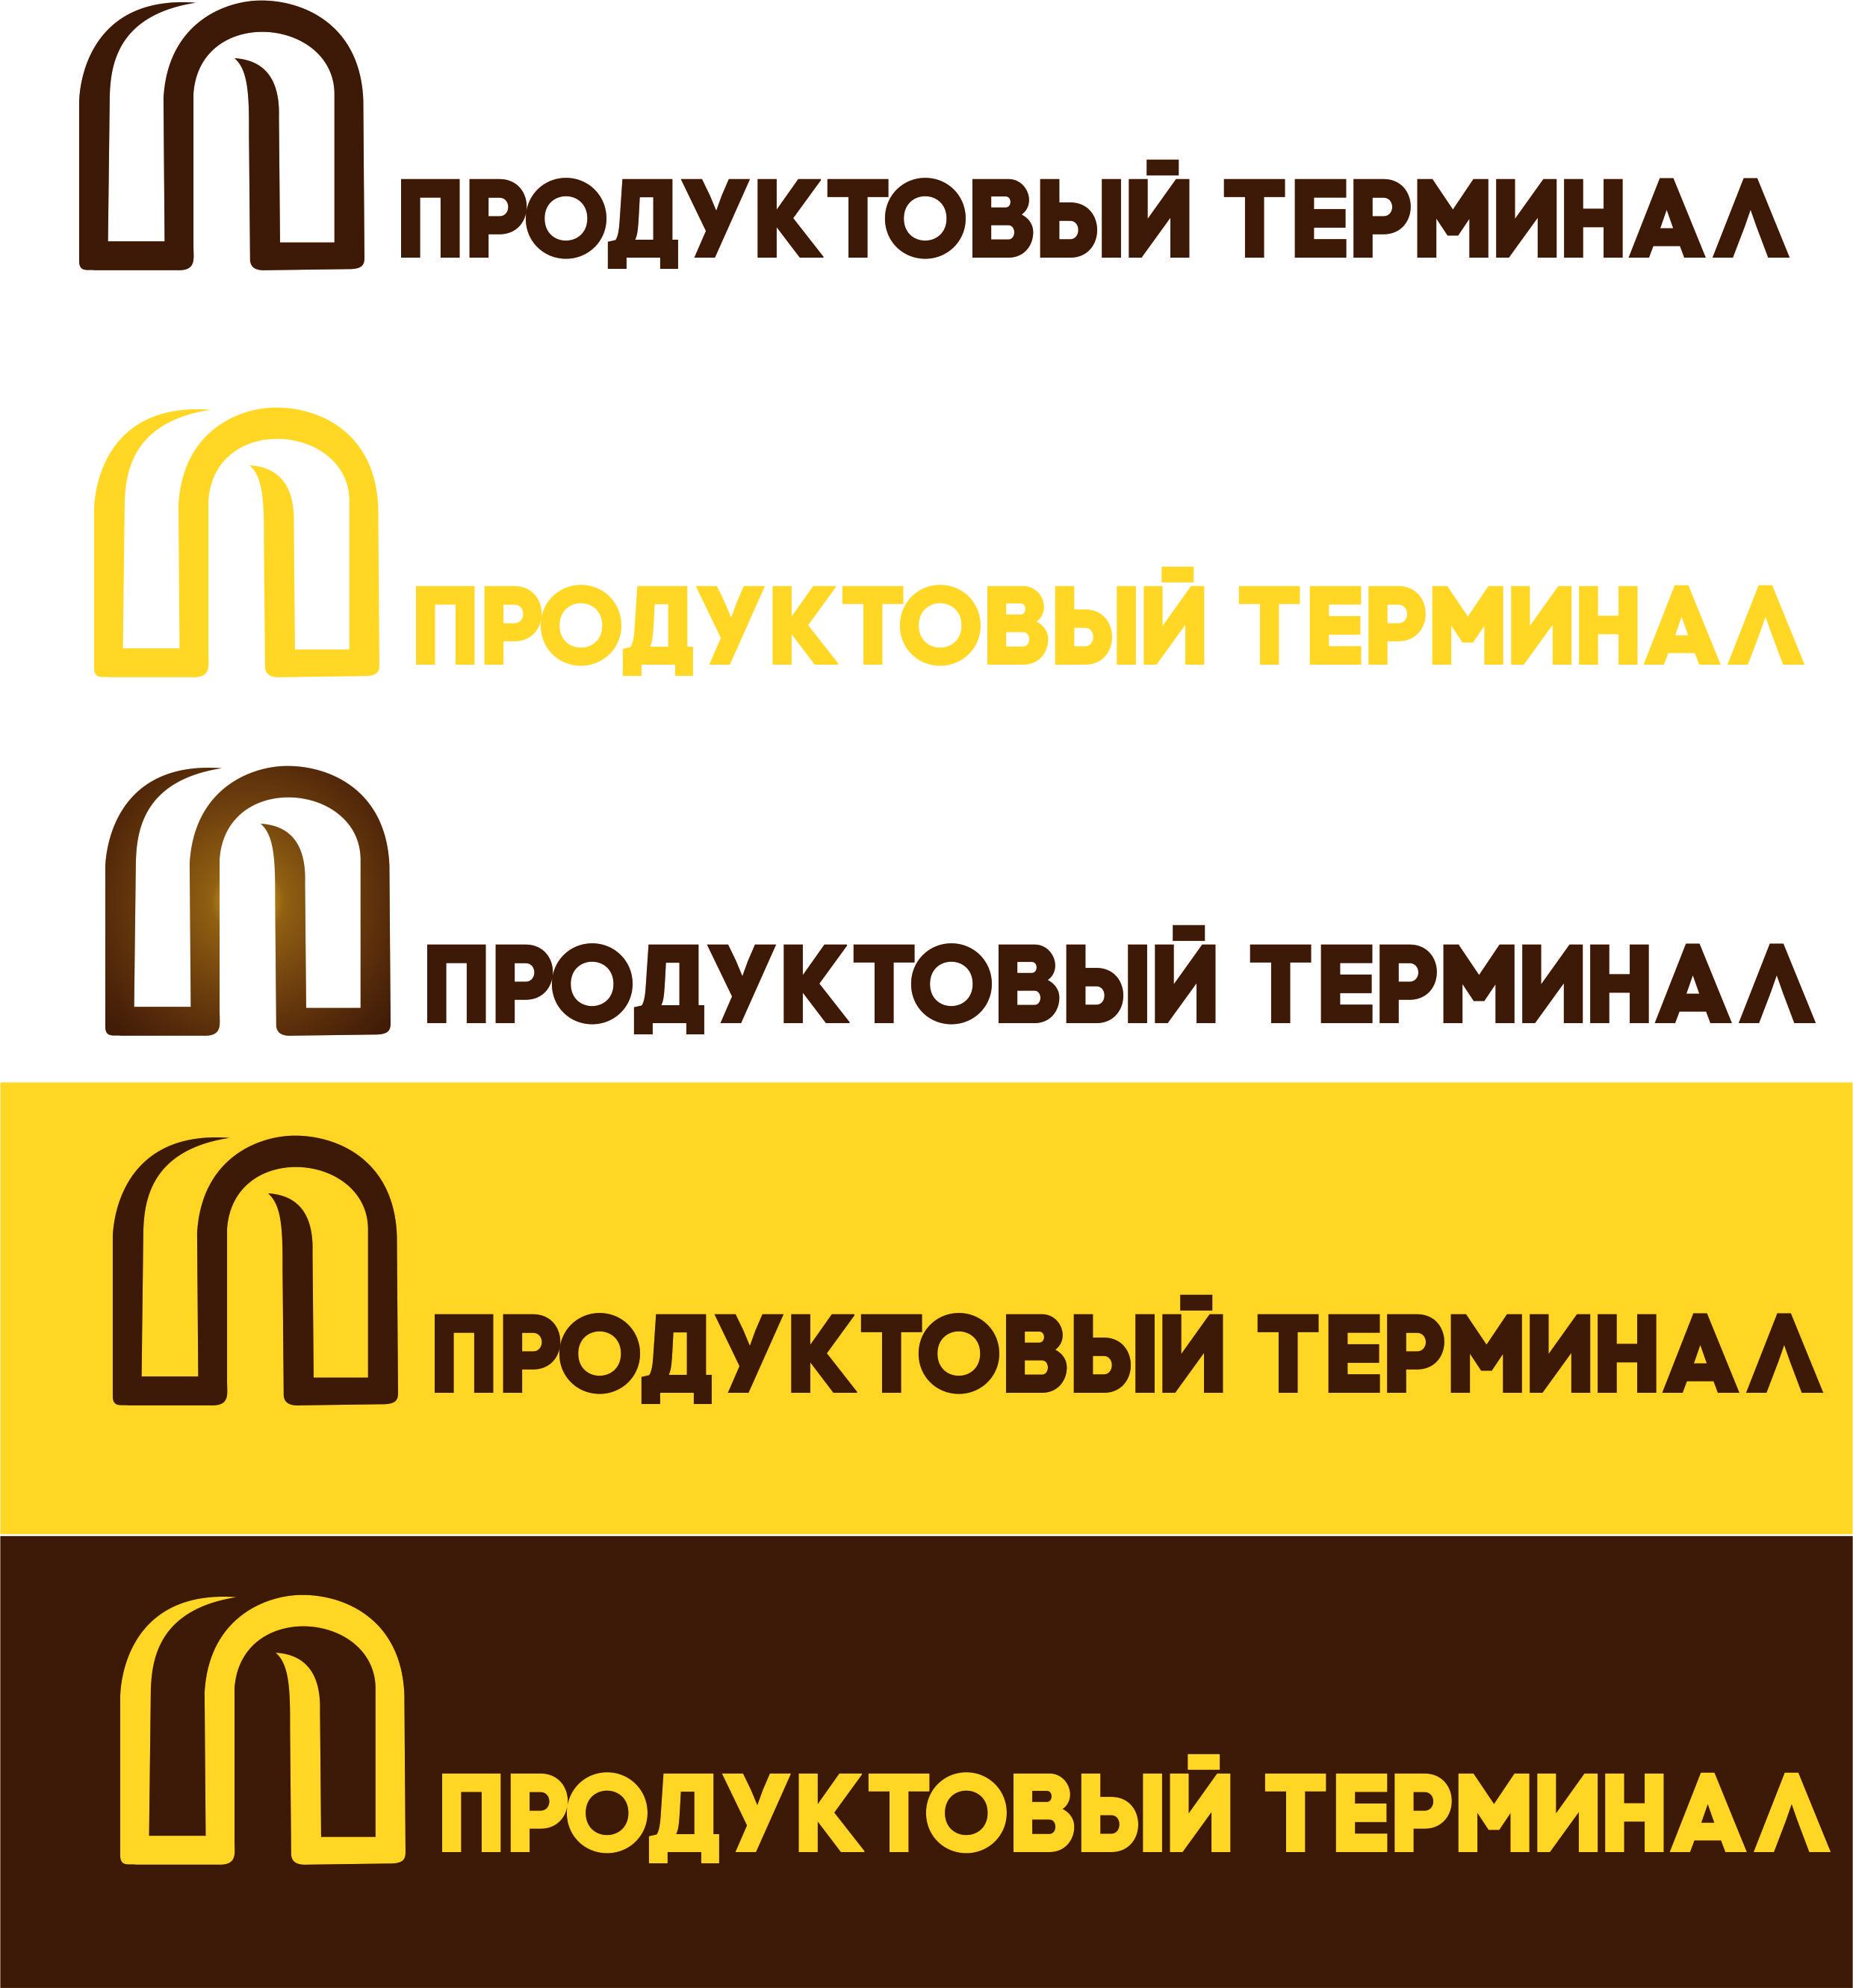 Логотип для сети продуктовых магазинов фото f_19756fa591d655a0.jpg